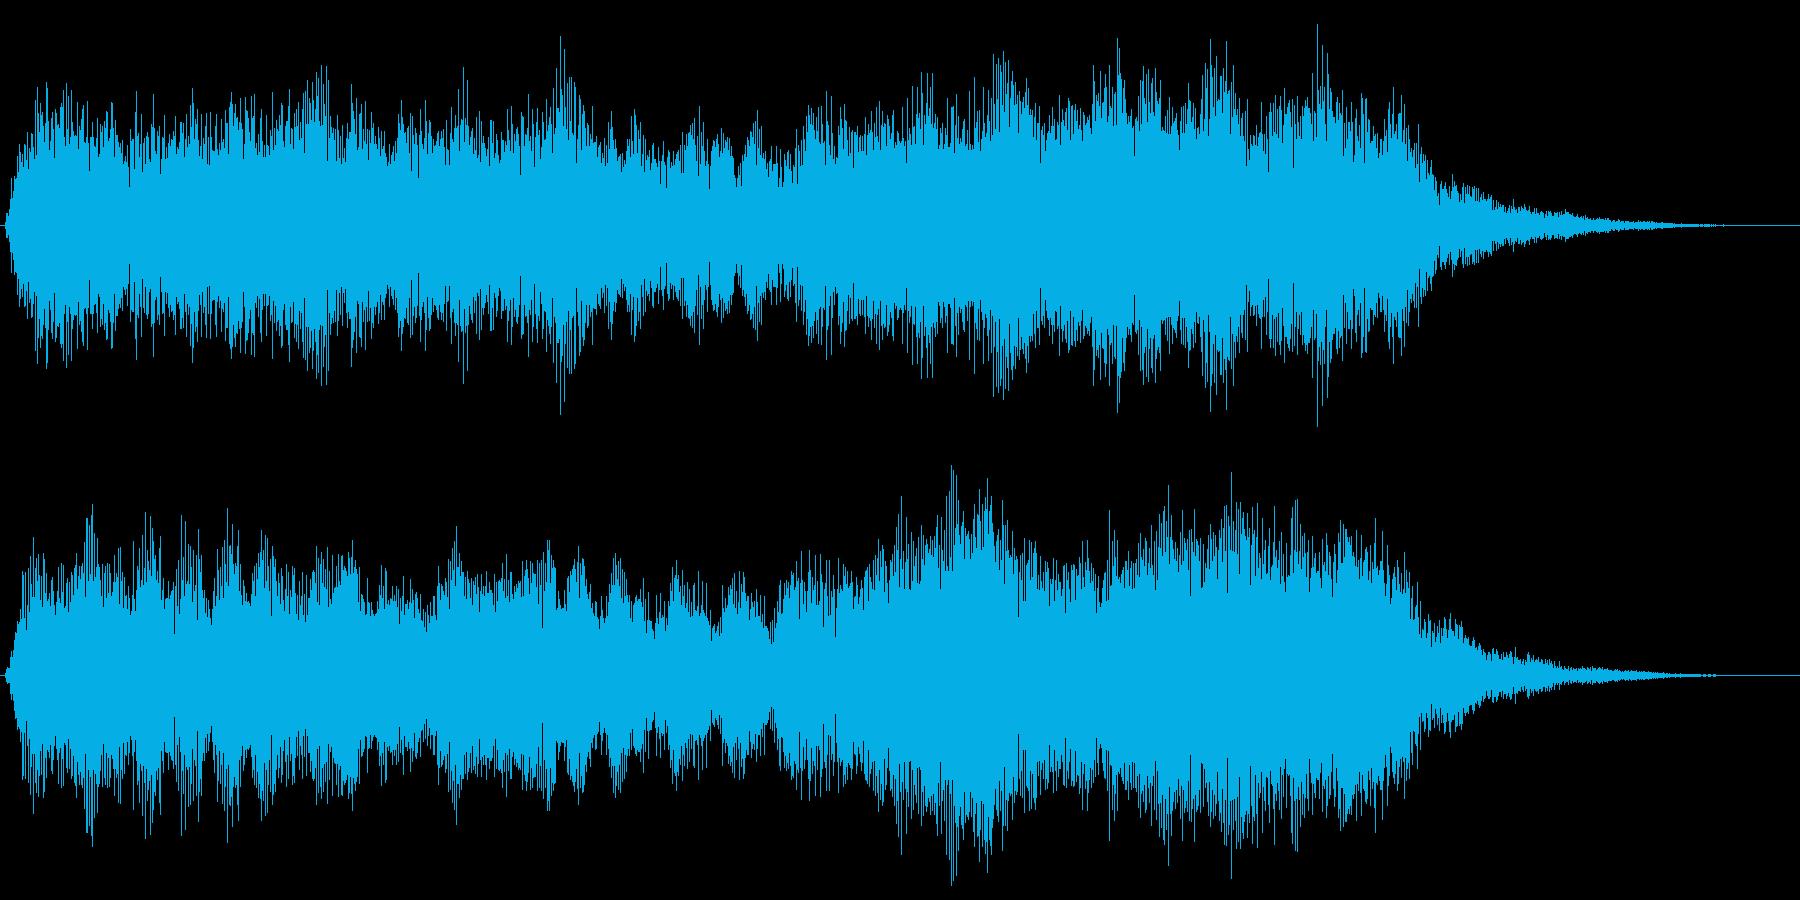 悲しいダークなファンファーレ 場面転換の再生済みの波形